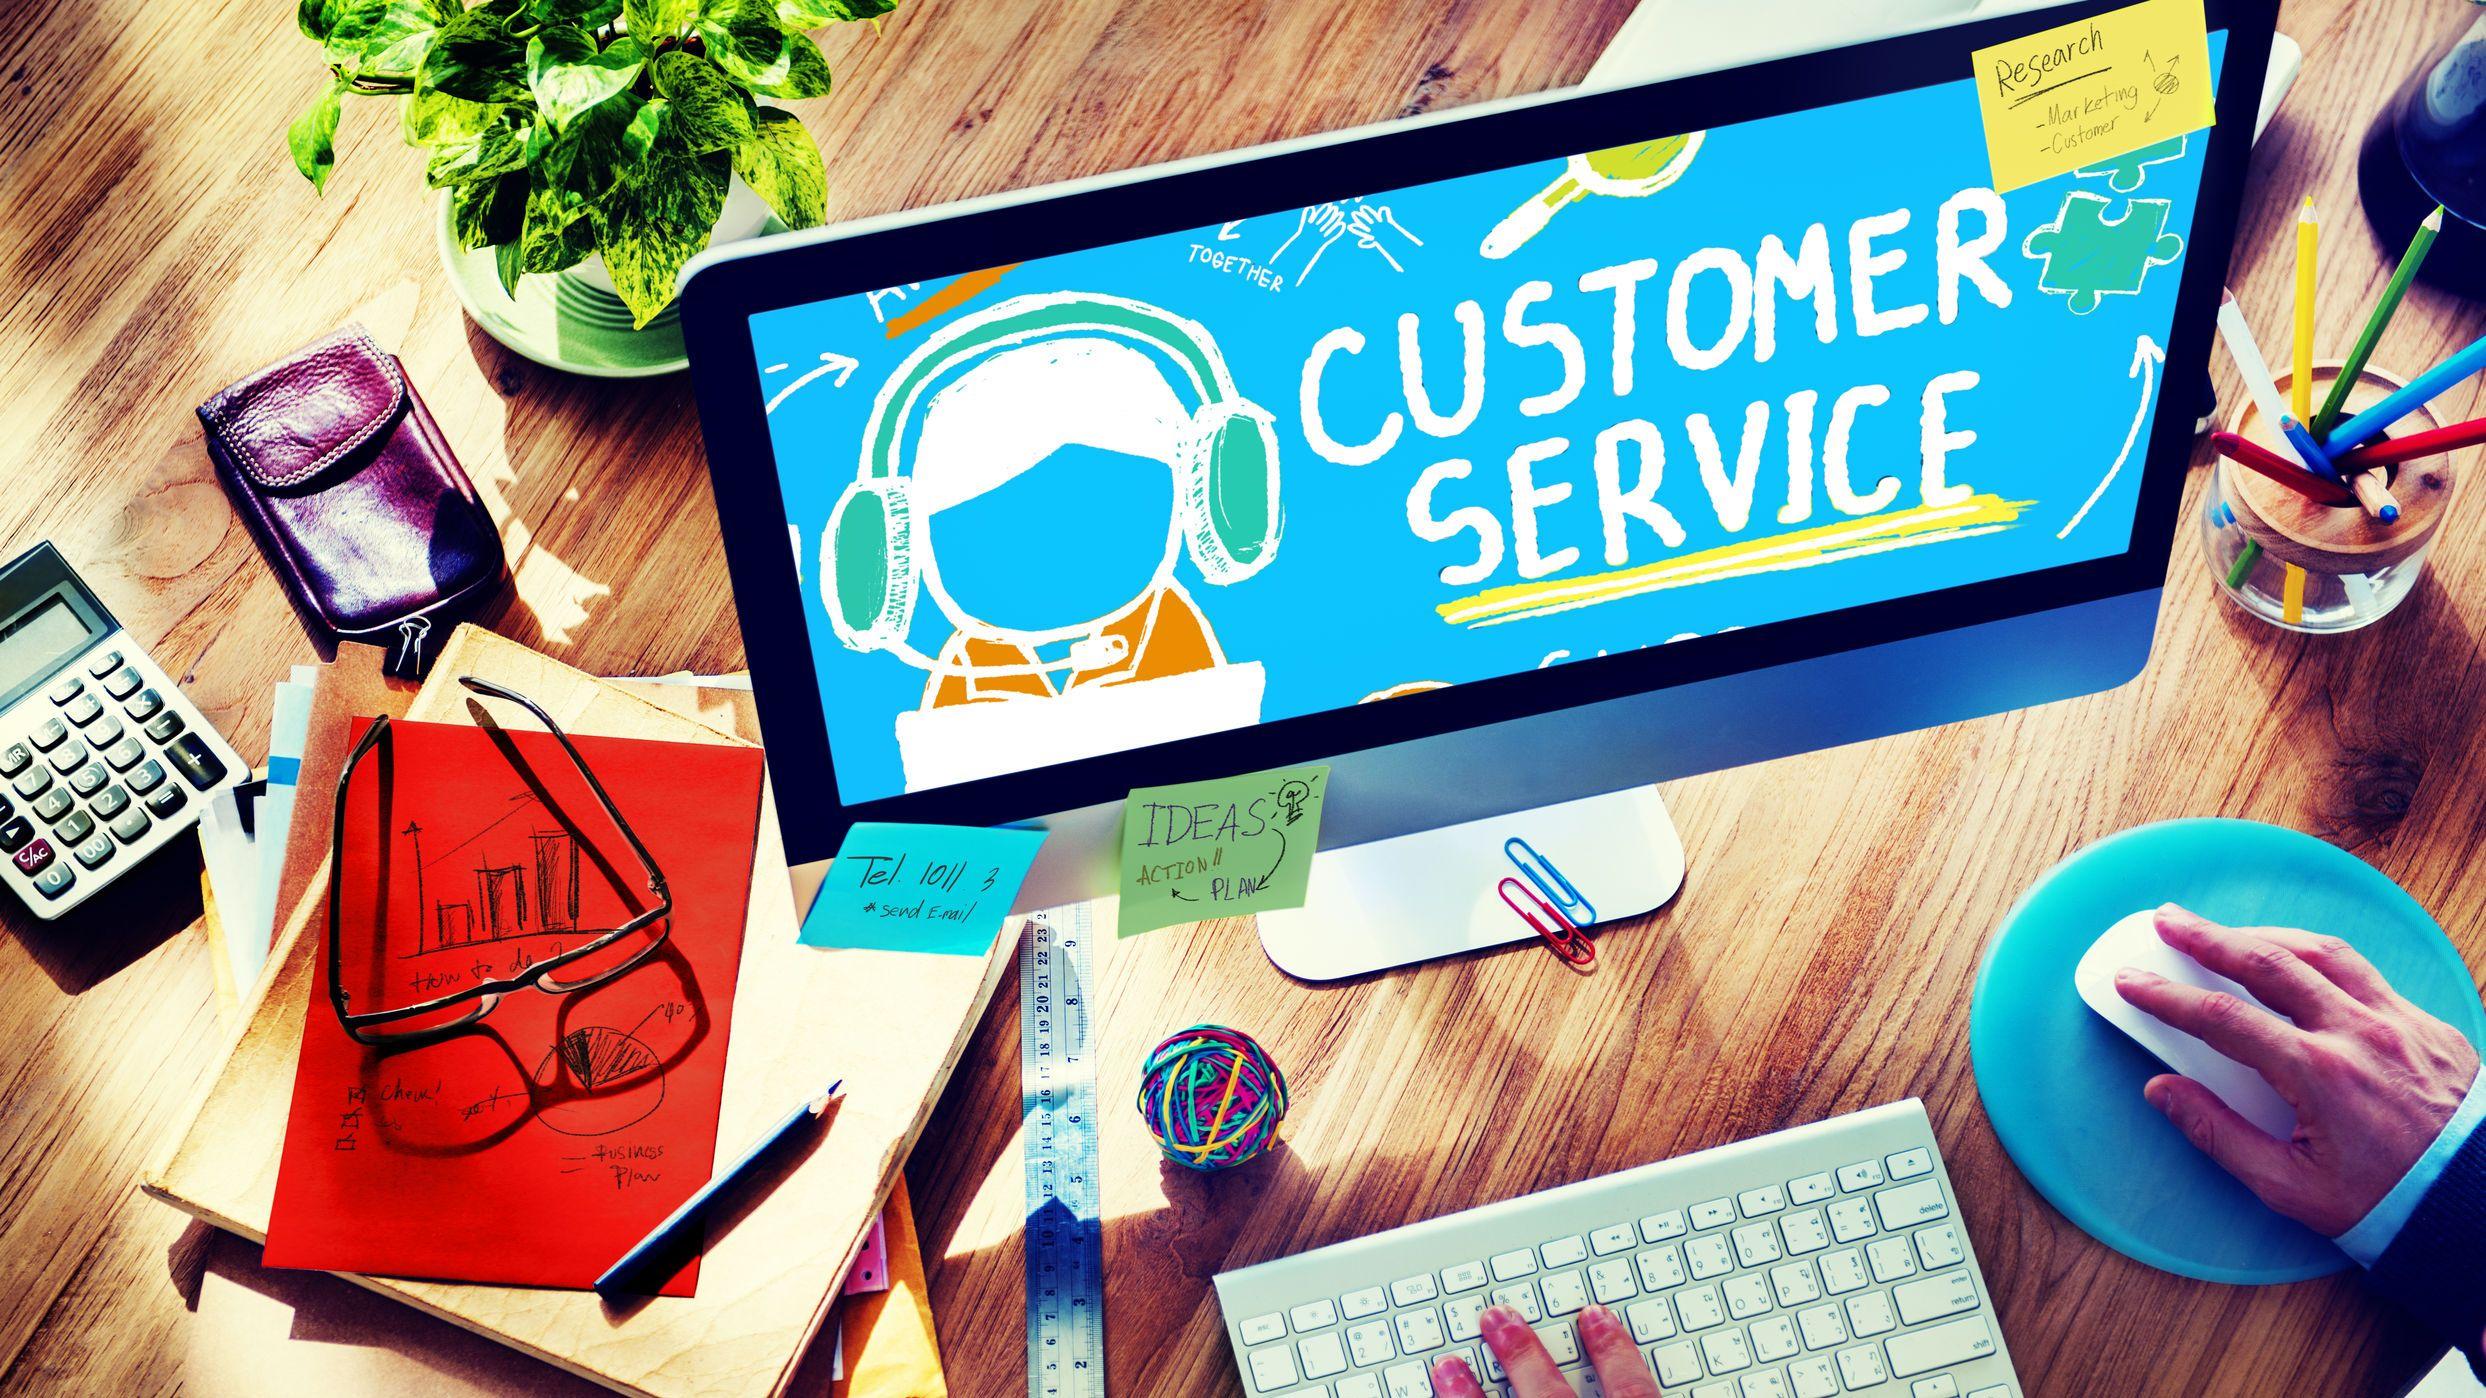 Service_Call-Center_L